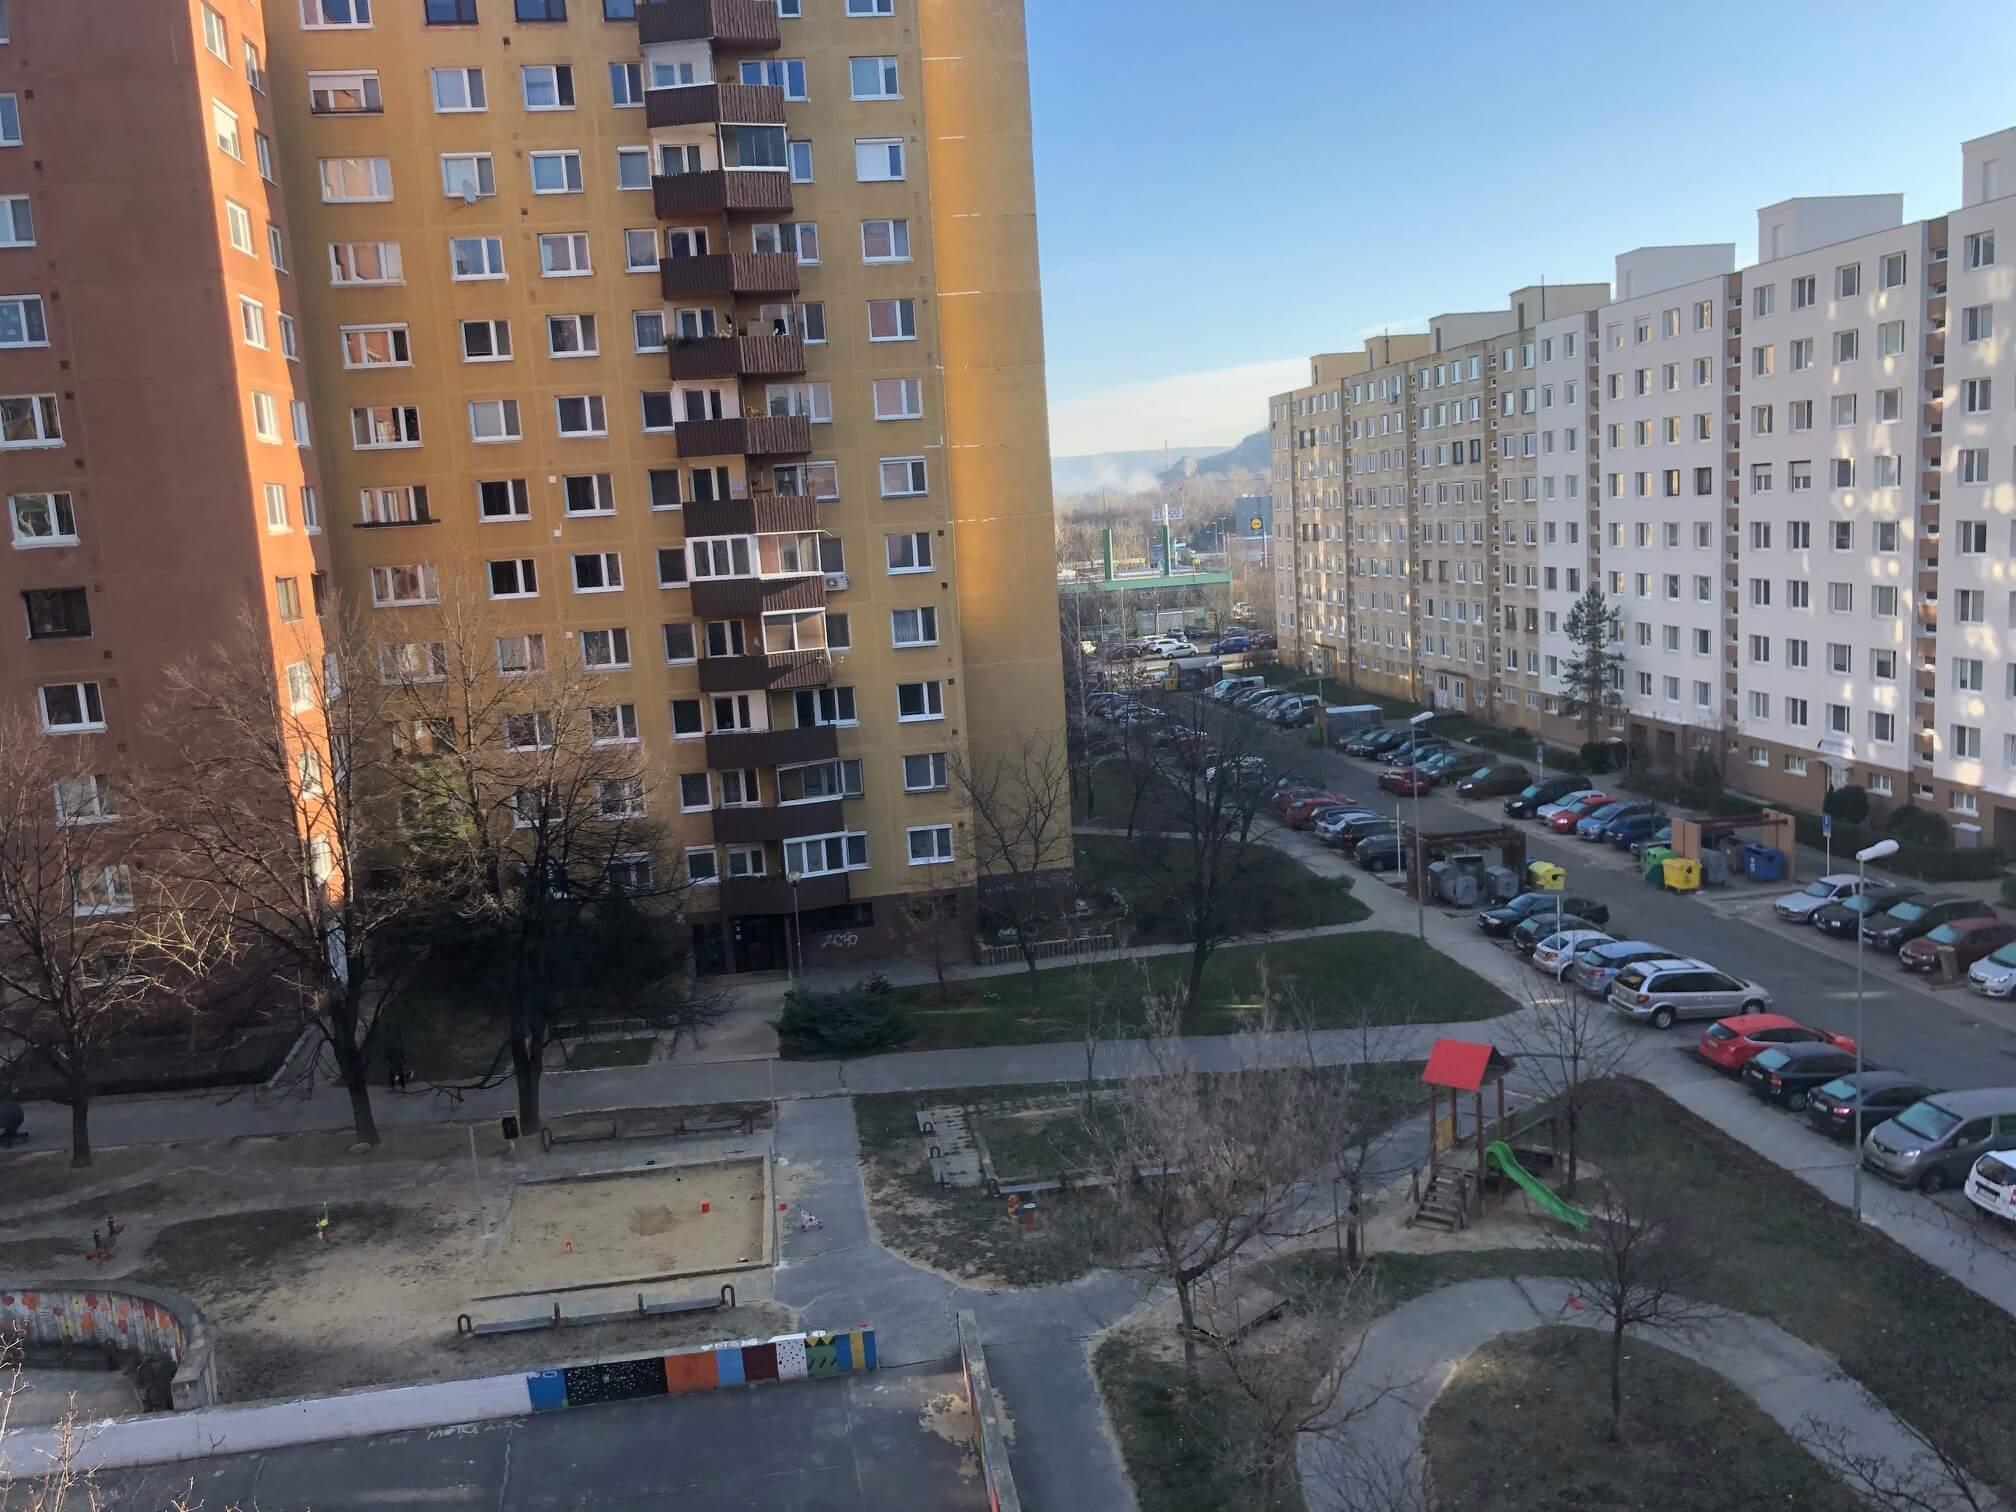 Exkluzívne na predaj 3 izbový byt, Devínska Nová Ves, Jána Poničana 3, 65m2, balkon 4m2,klimatizácia-44